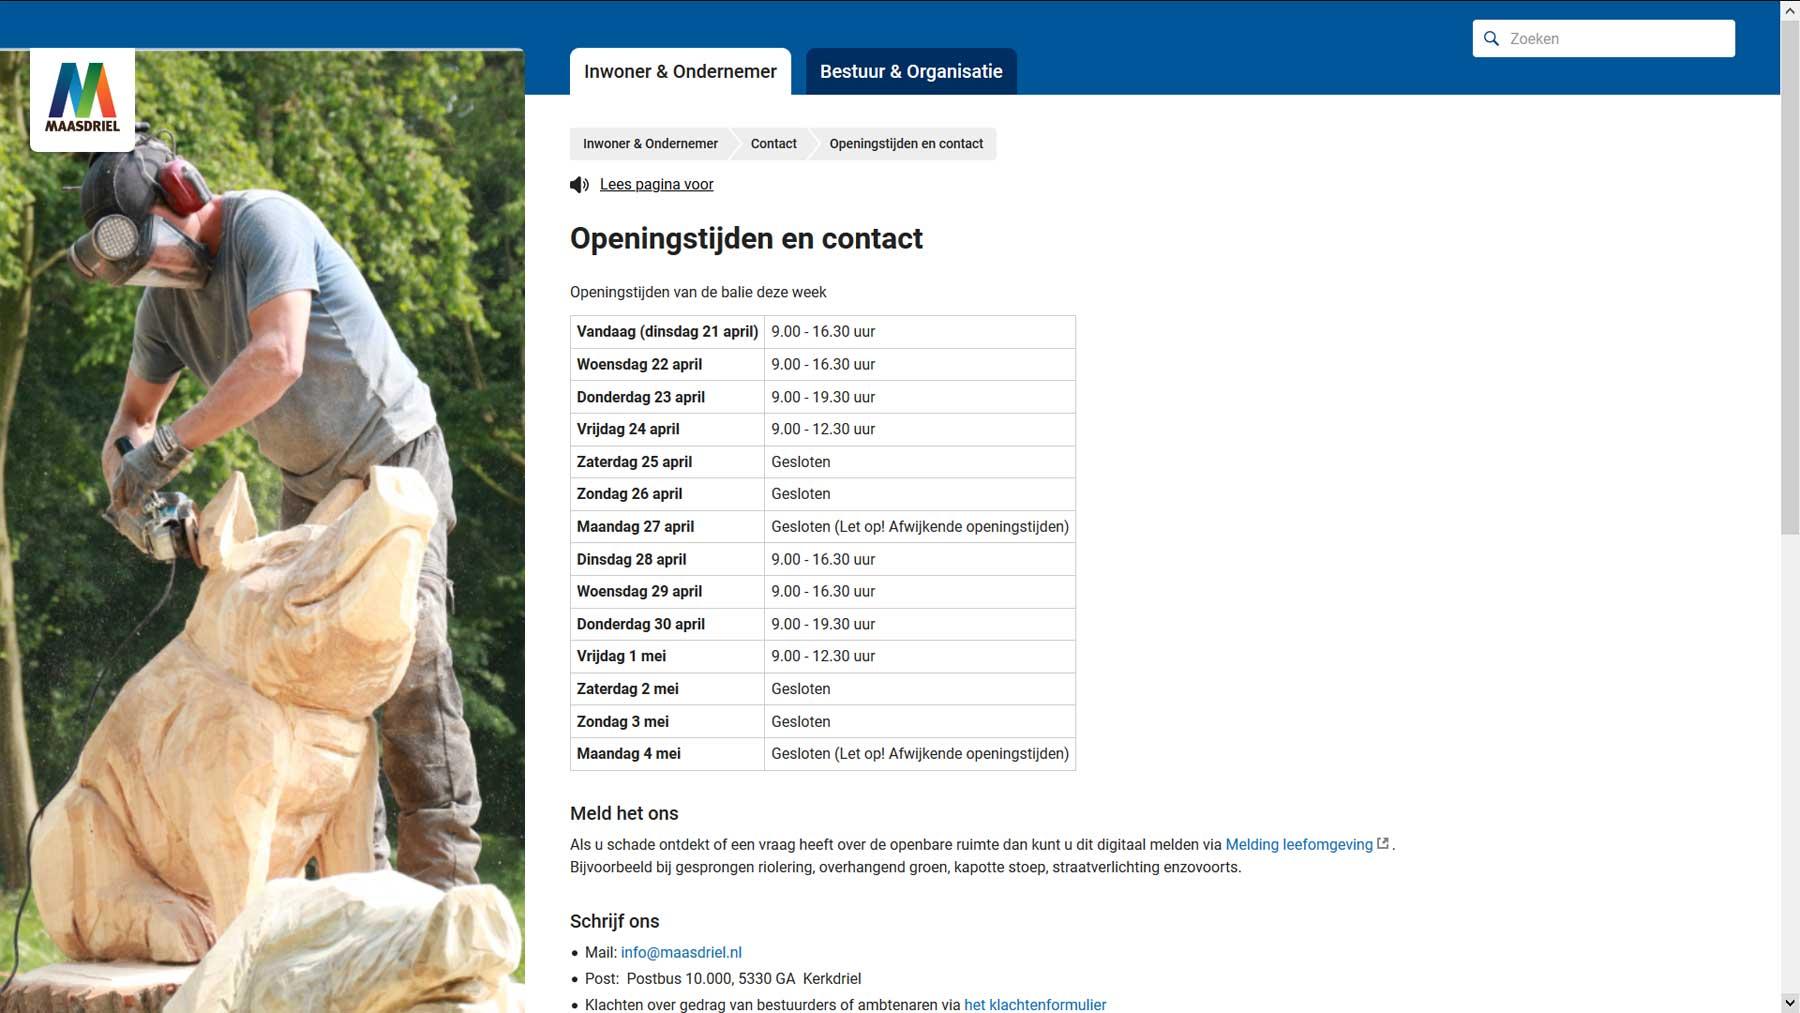 Openingstijden stadhuis Maasdriel | Toptaken website